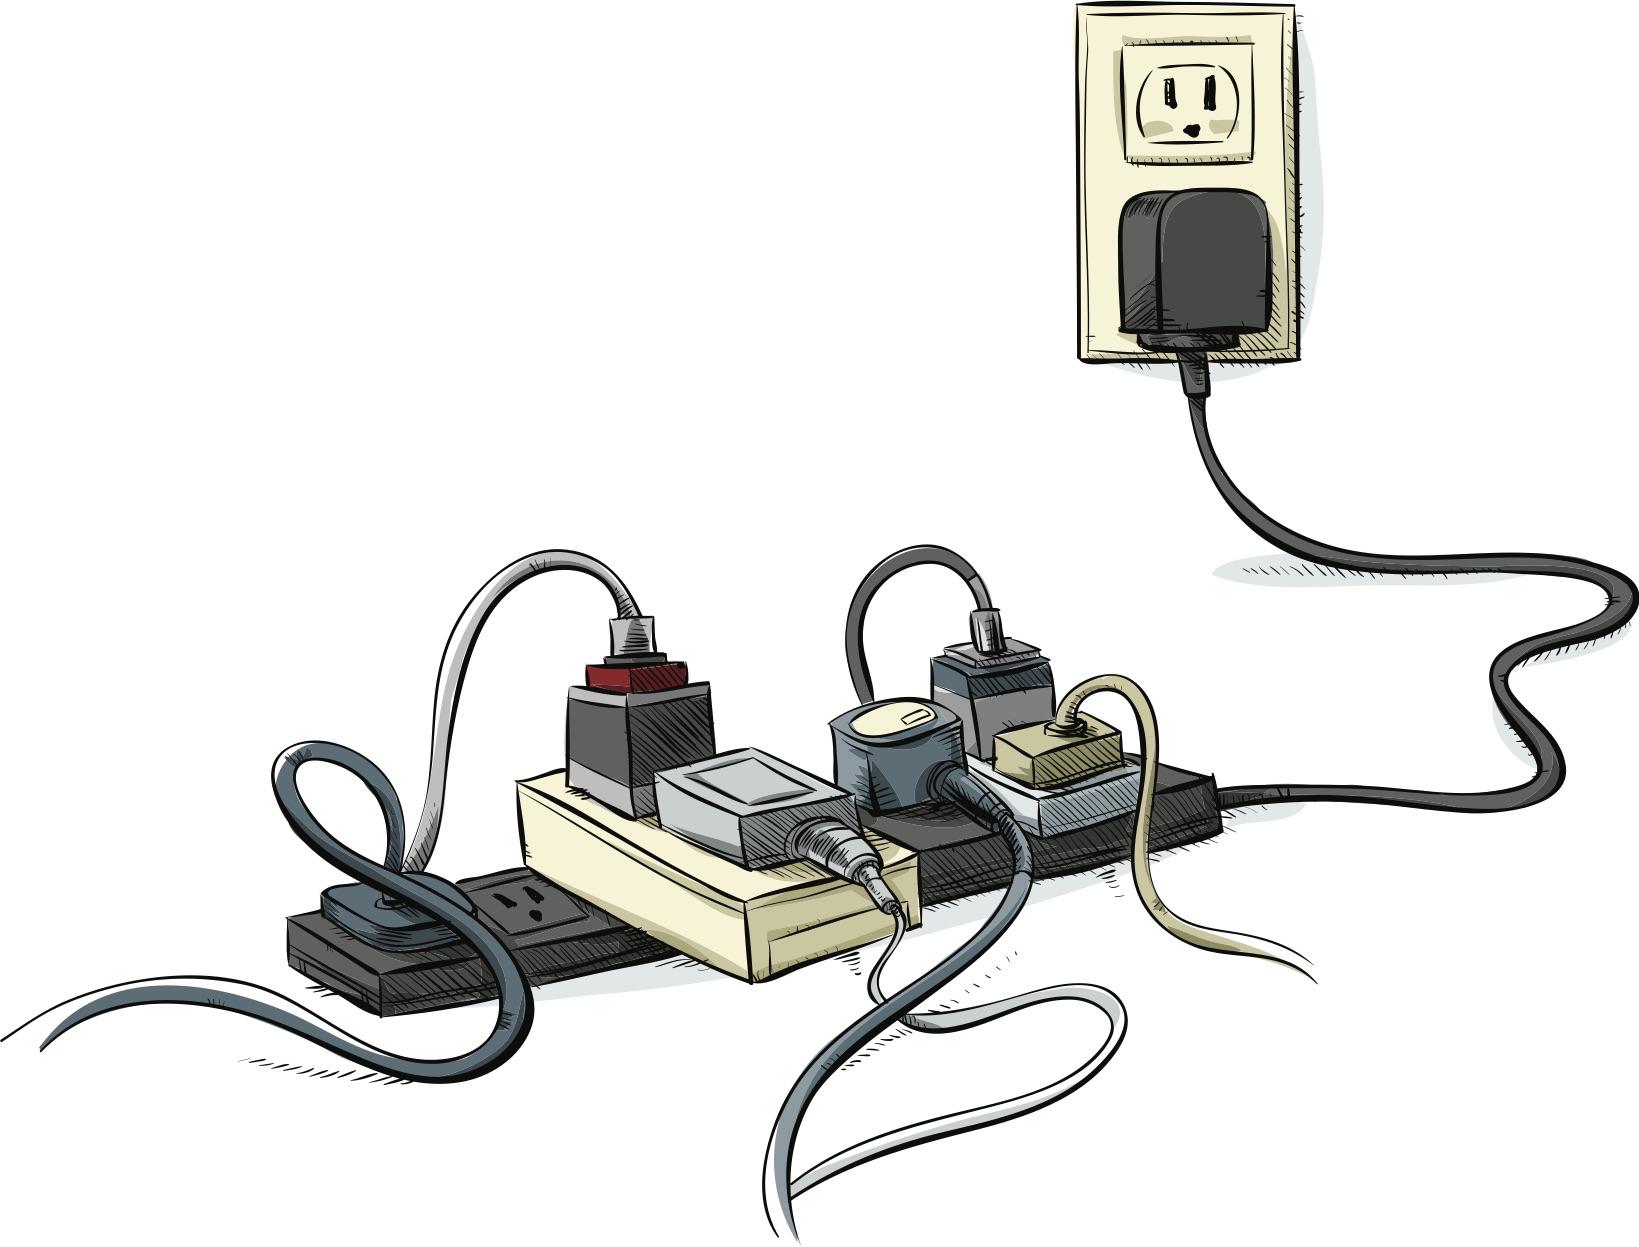 離開座位,旅充持續插在延長線接電嗎?手機充電安全:七個延長線使用安全須知